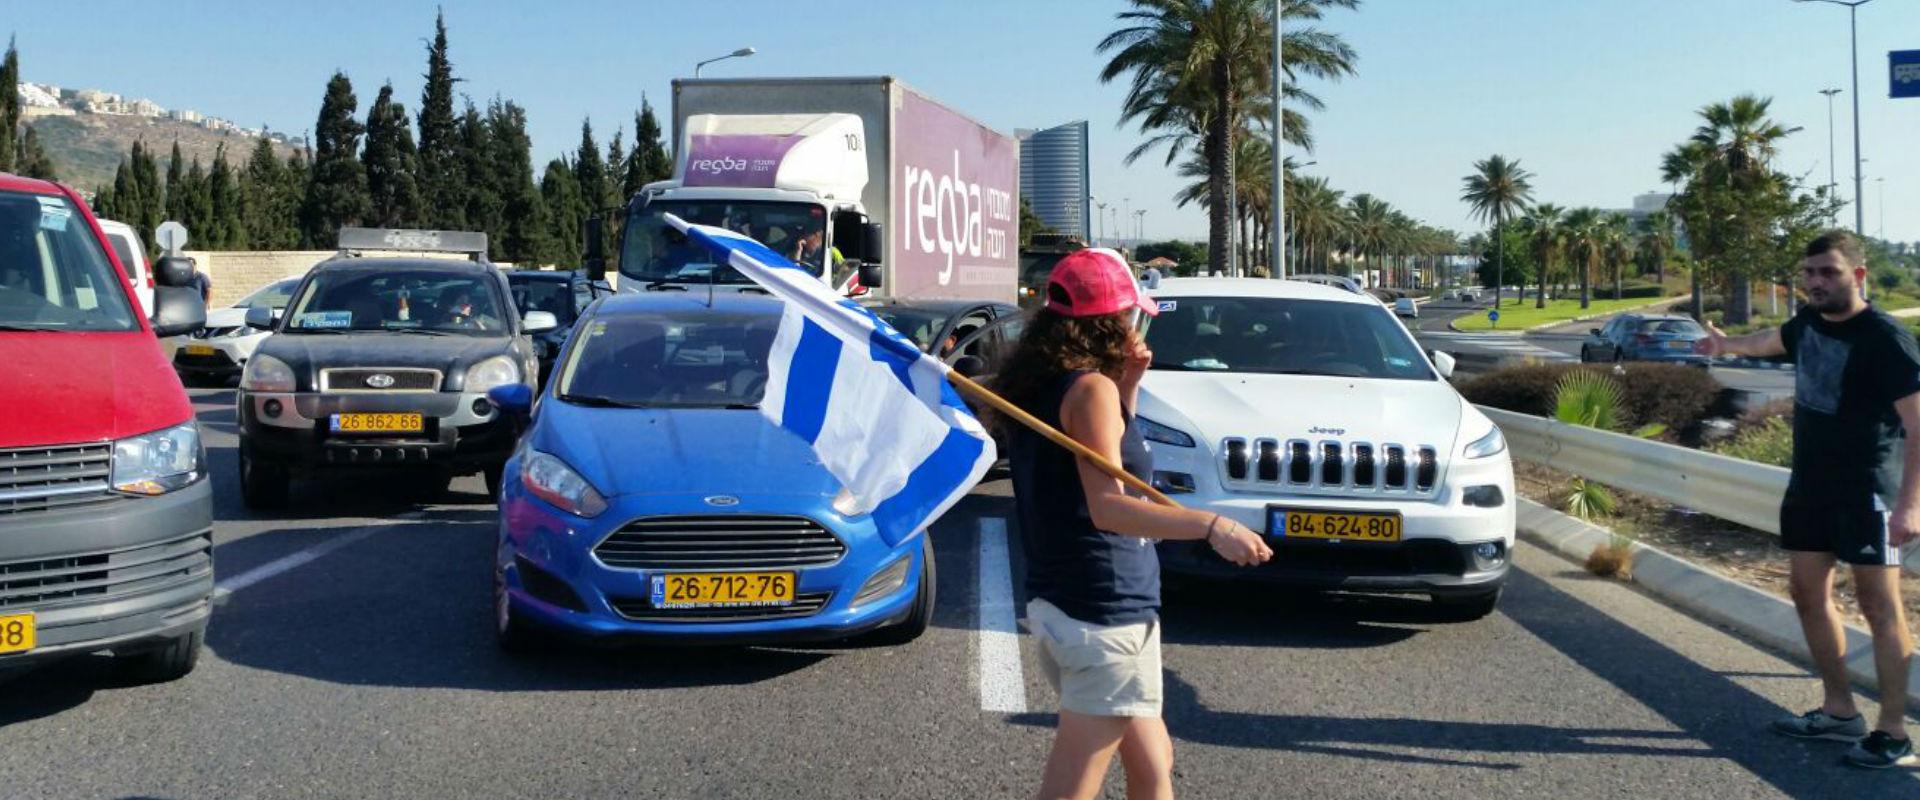 מחאת הנכים בחיפה, היום